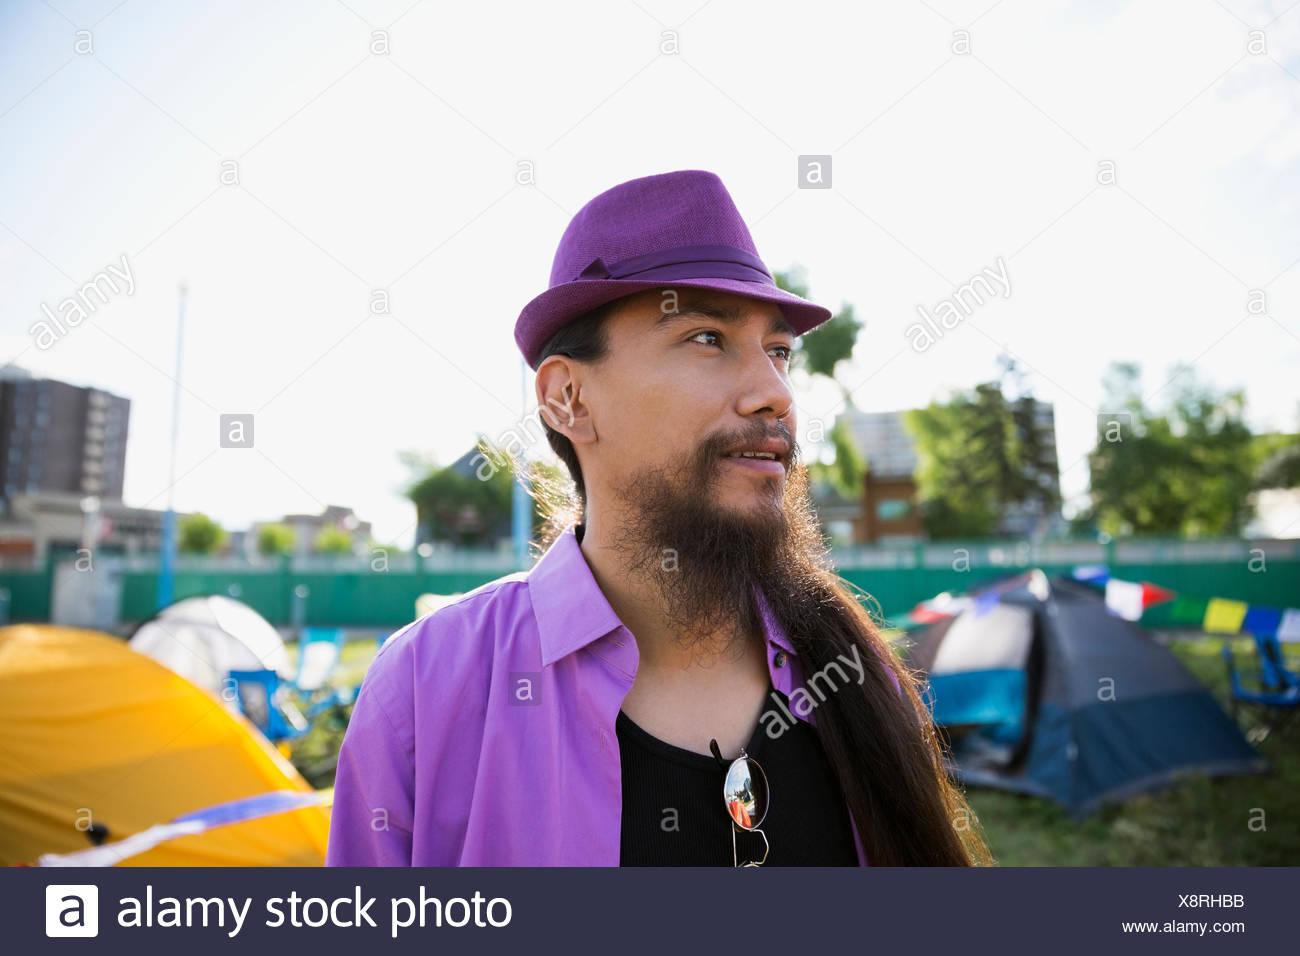 Junger Mann mit langen Haaren und Bart tragen lila Hut wegsehen bei Sommer-Musik-Festival-Campingplatz Stockbild